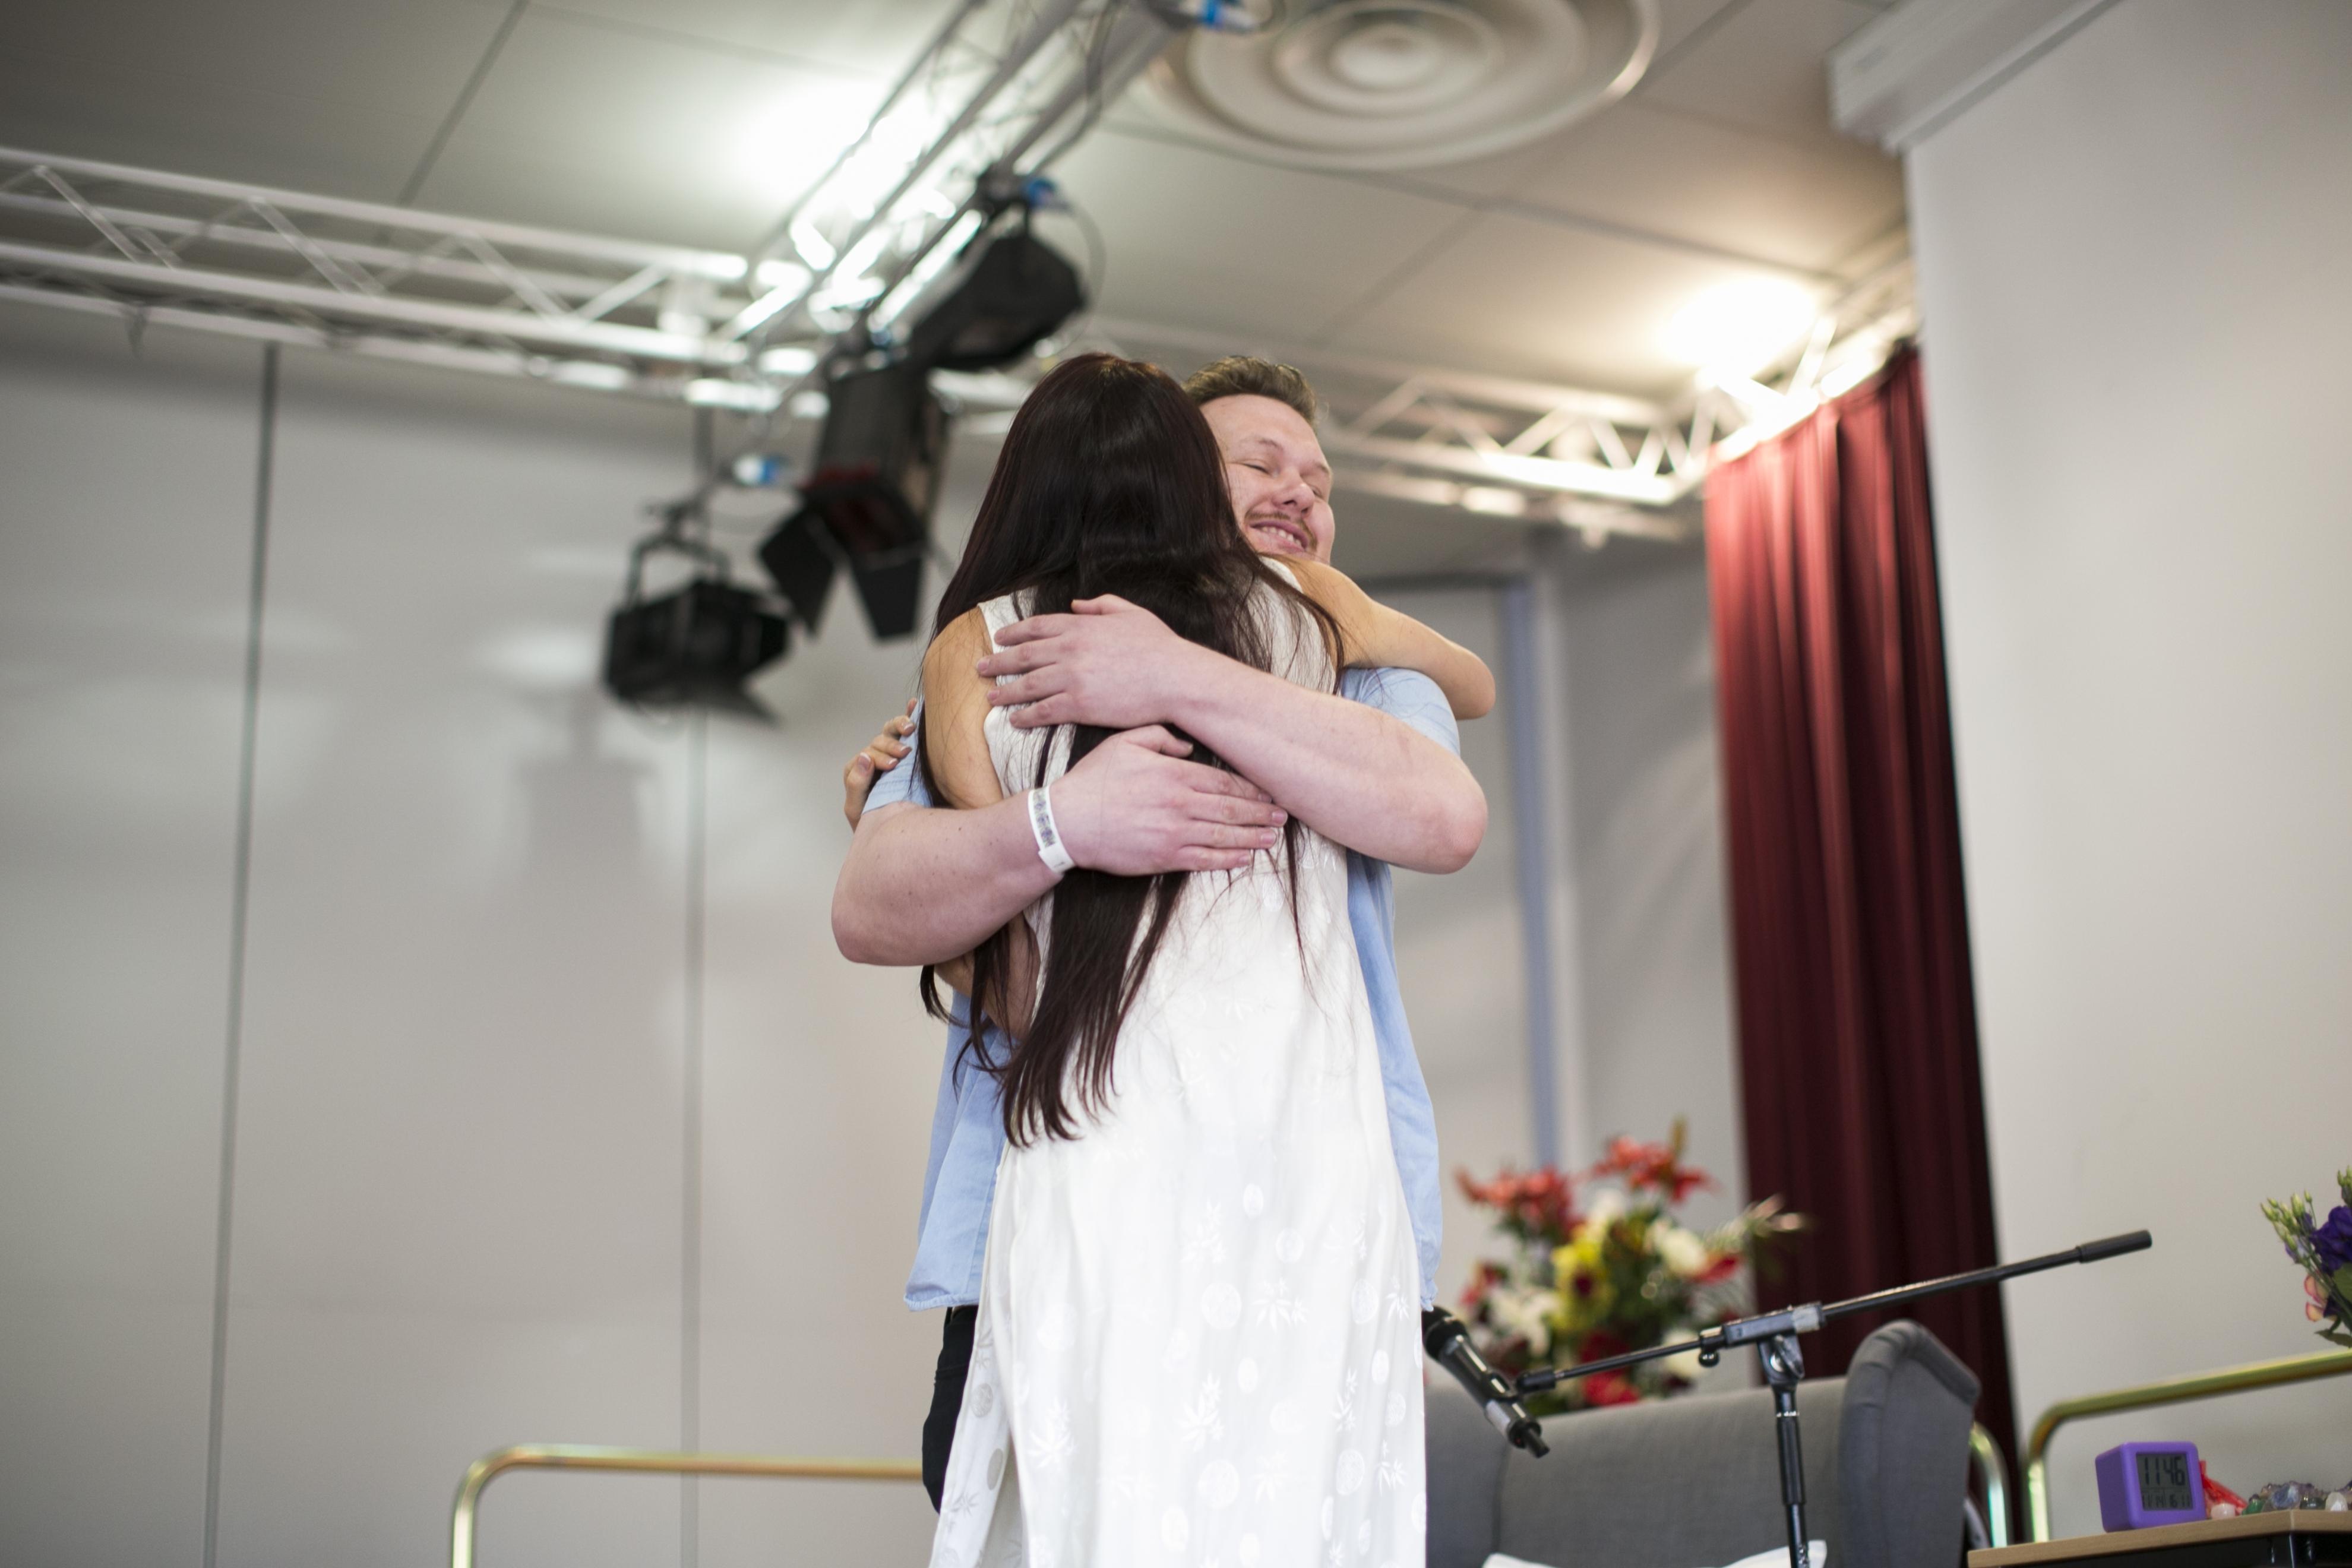 Dublin Teal on stage hug